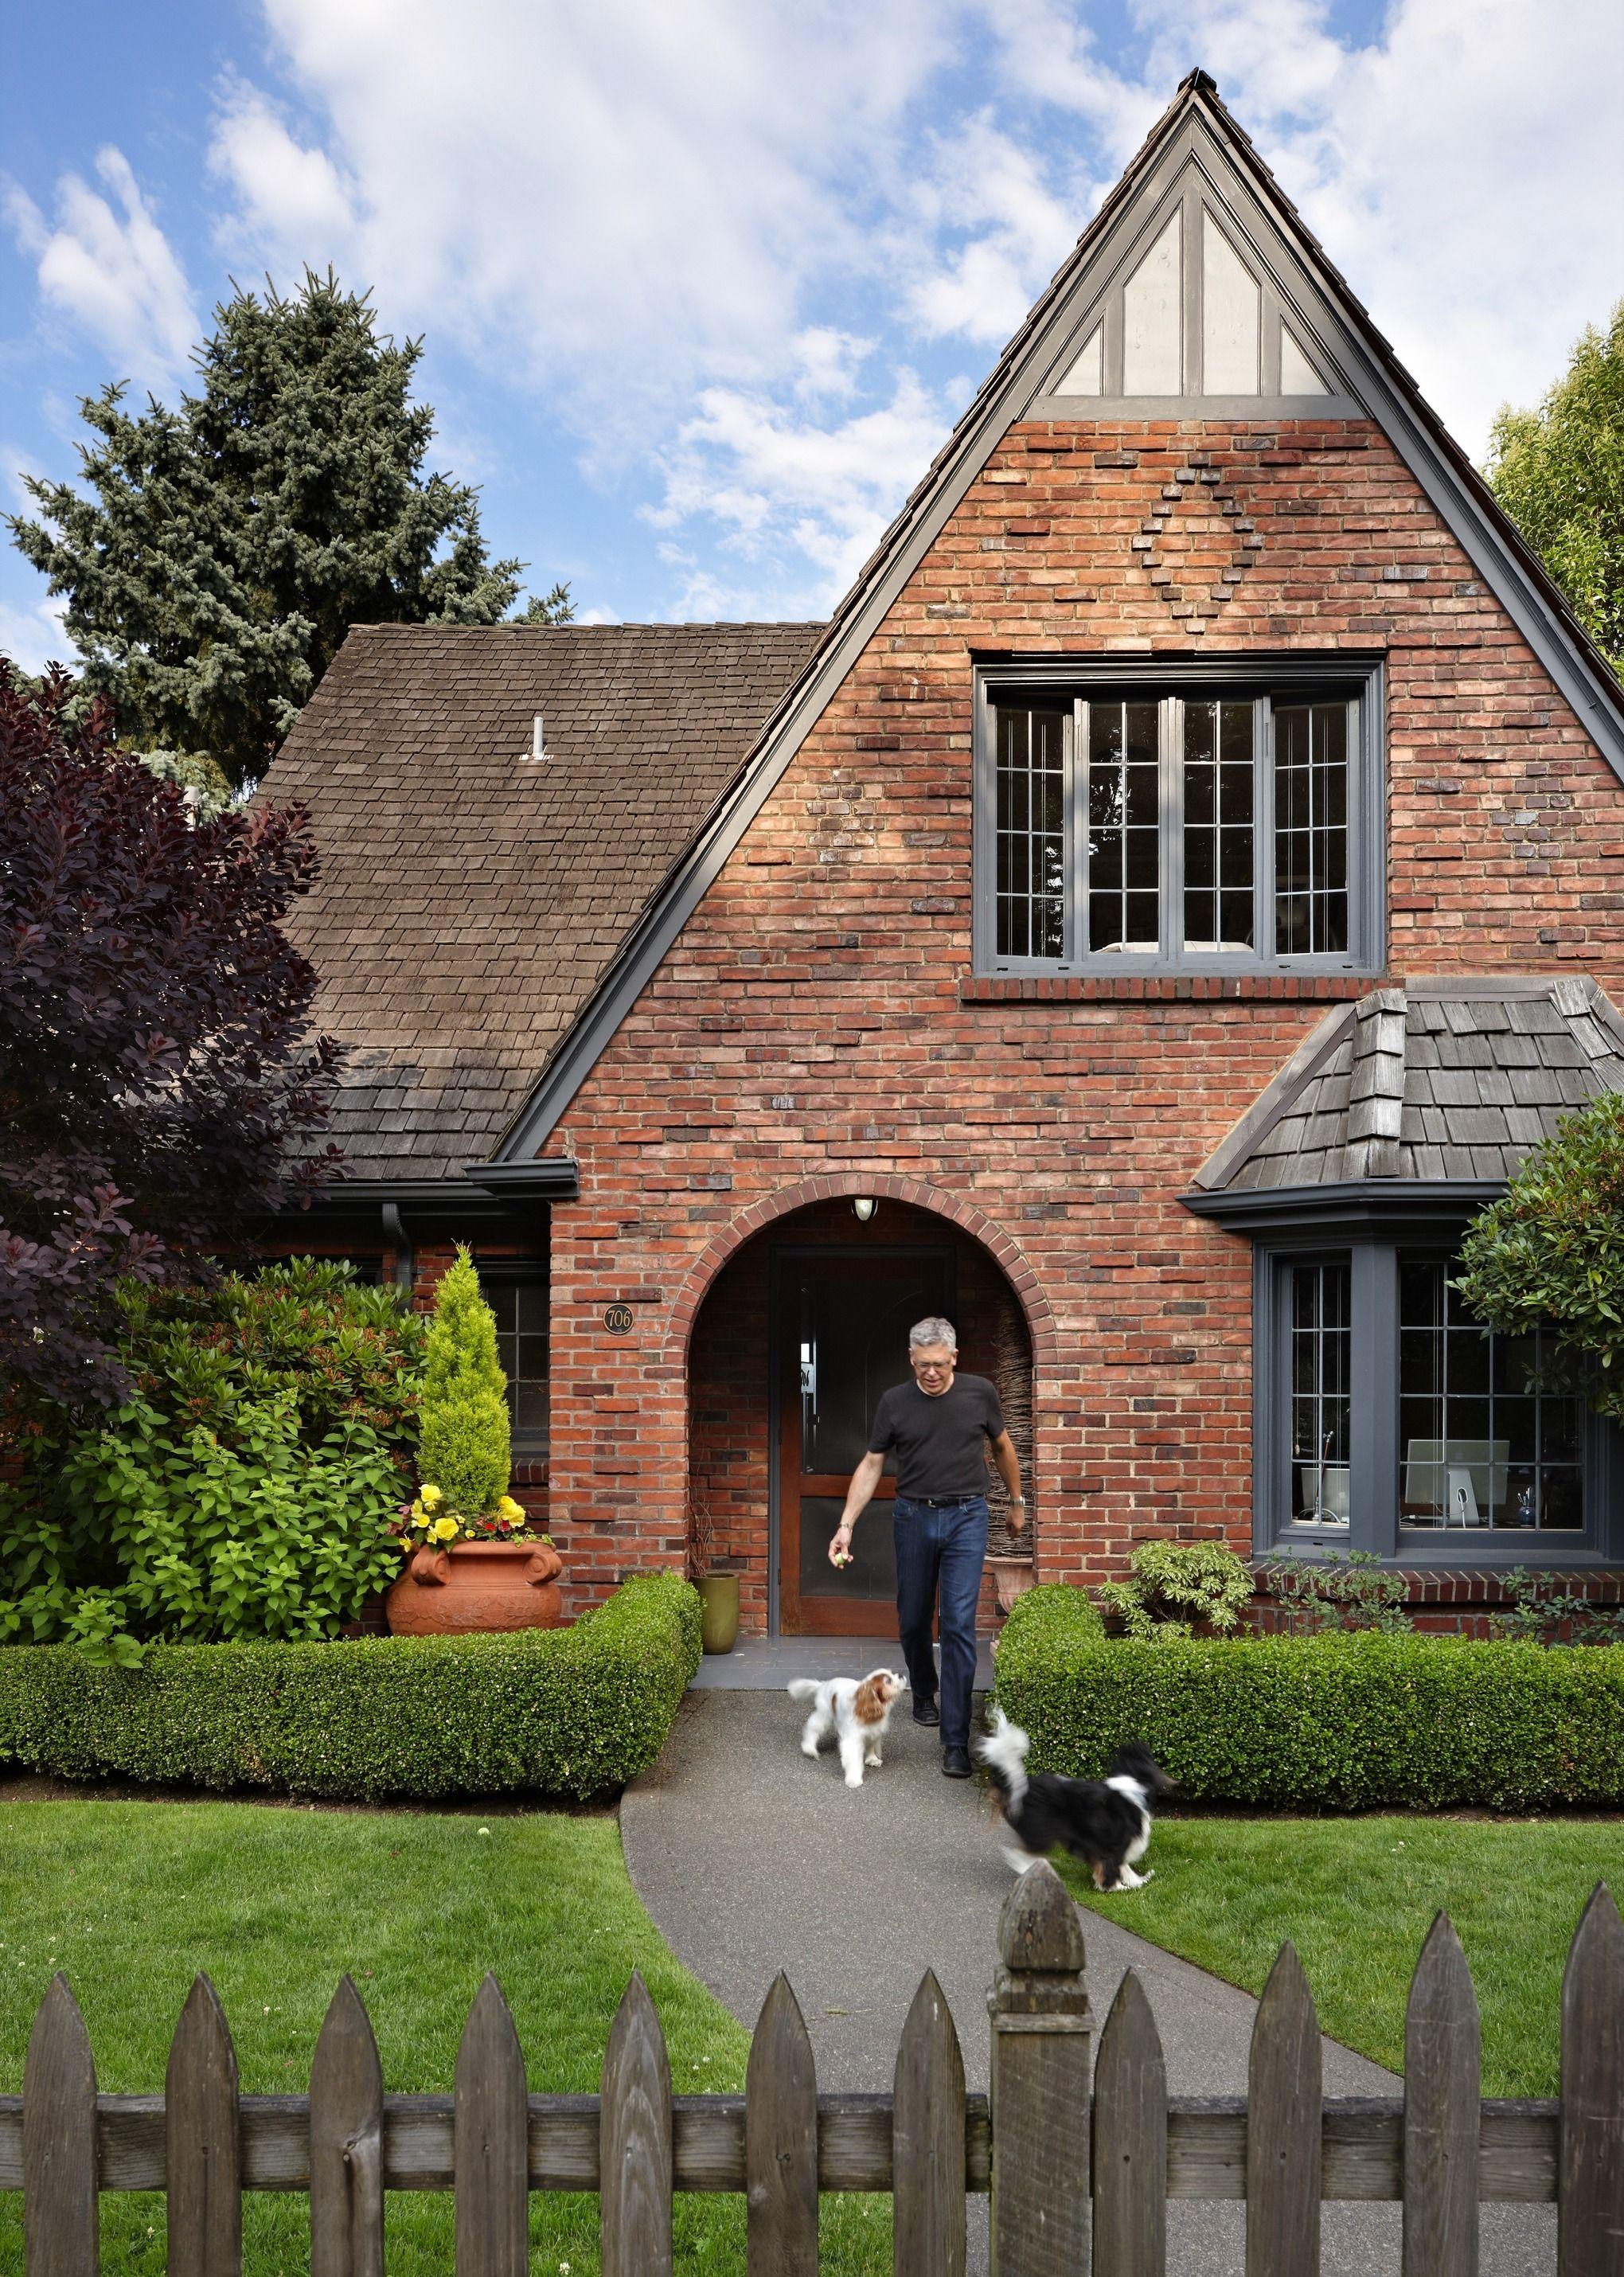 Tudor Trim | For the Home | Pinterest | Bricks, House and Tudor house